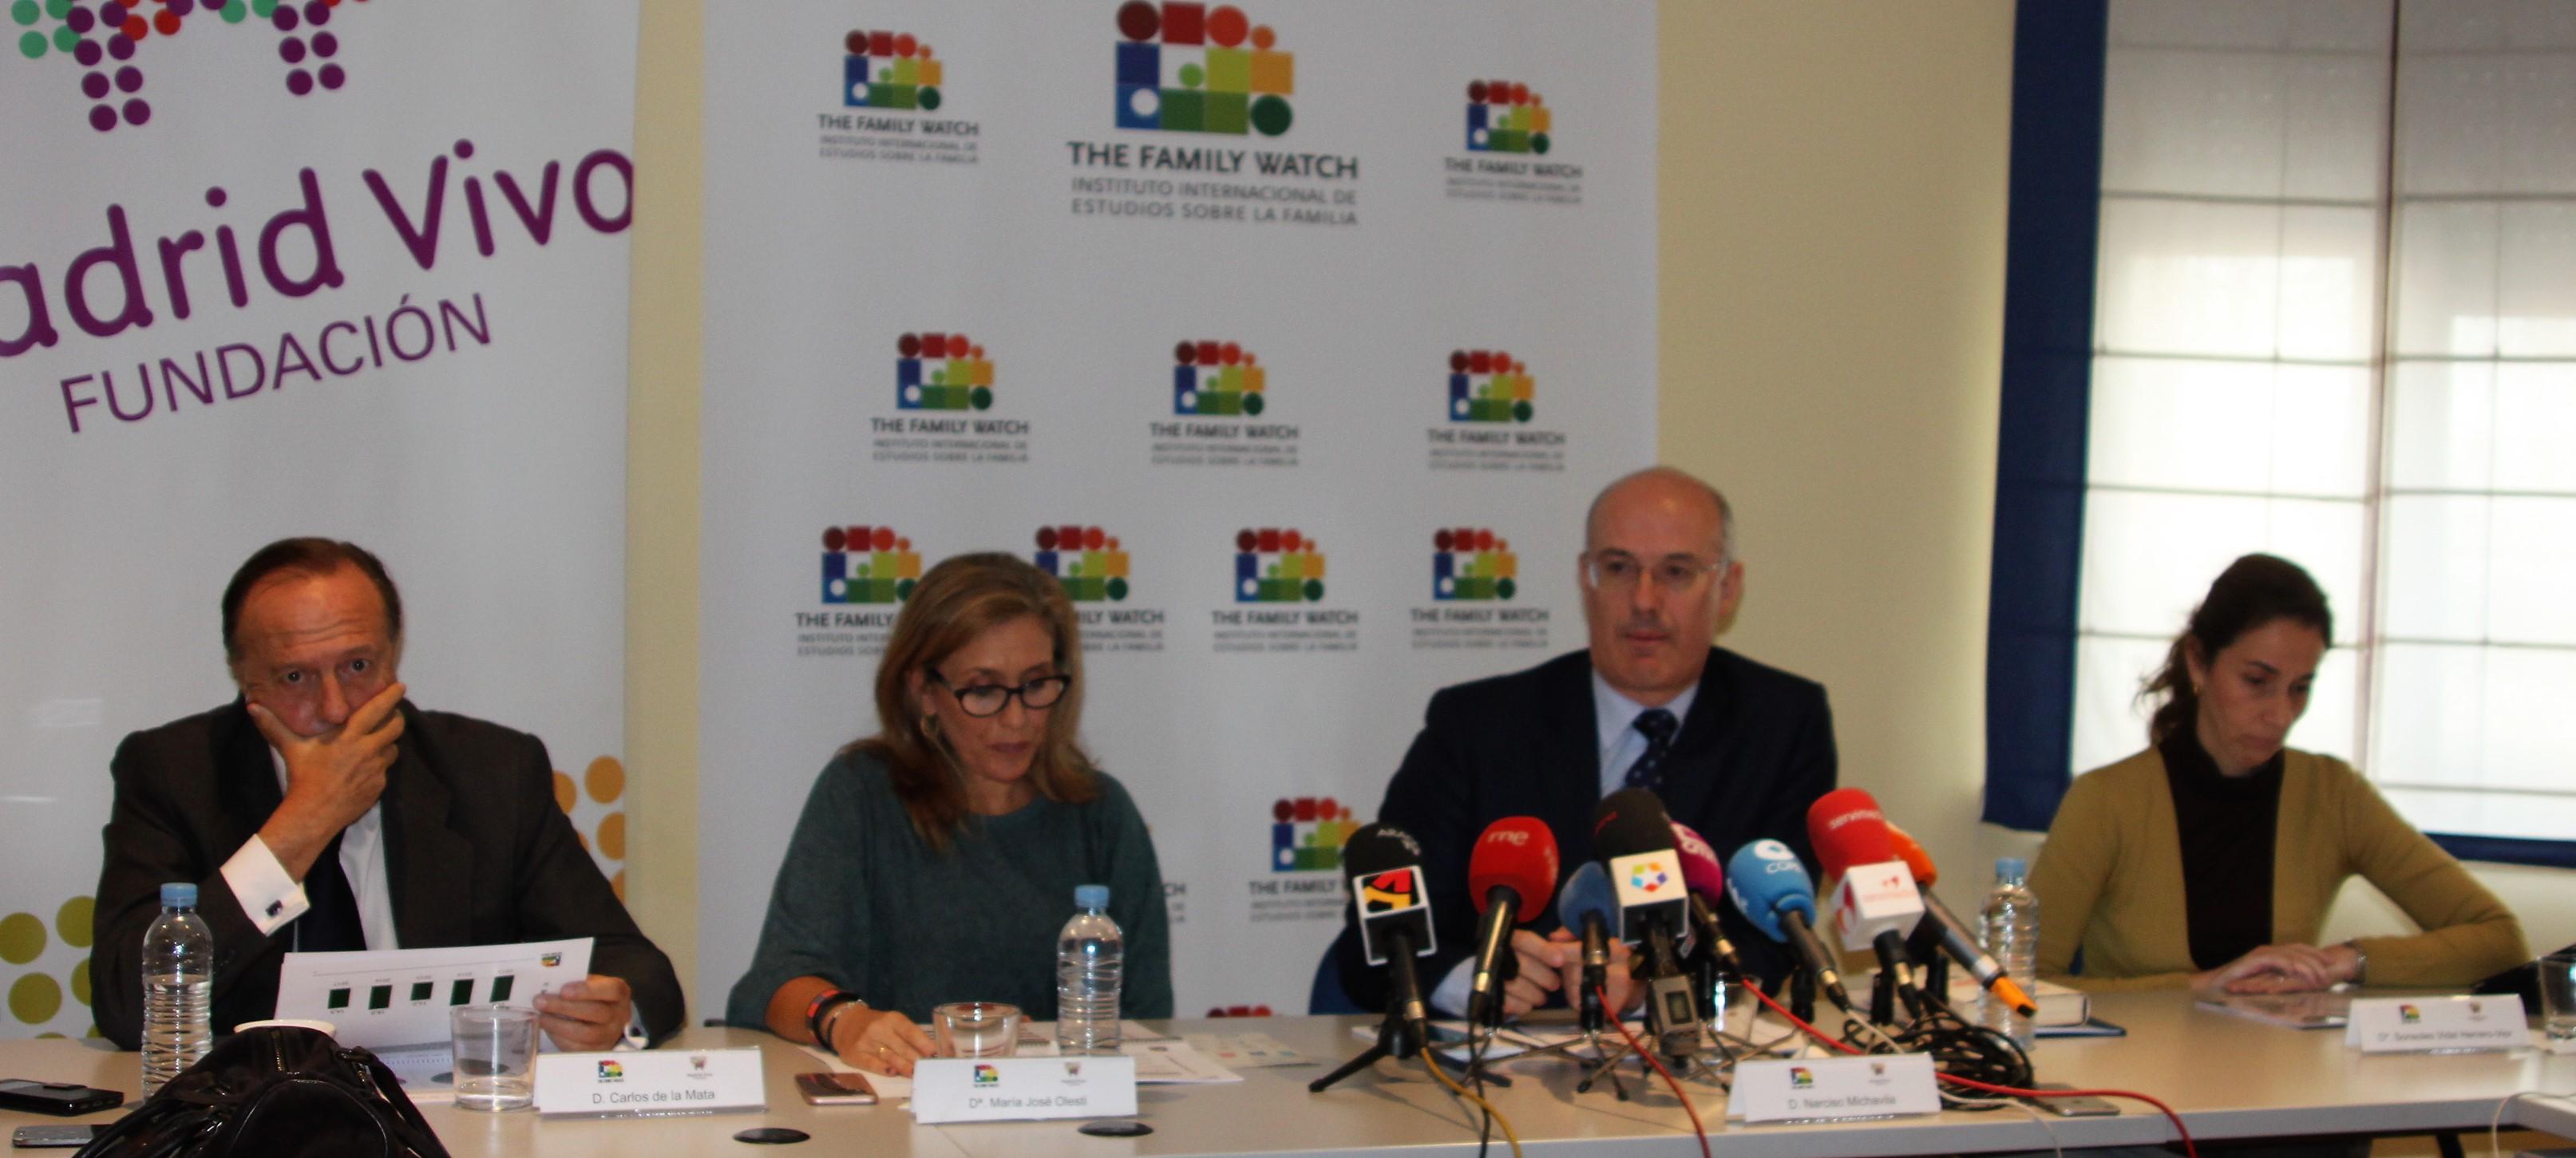 SE PRESENTA EL VI BARÓMETRO THE FAMILY WATCH SOBRE LA FAMILIA EN ESPAÑA